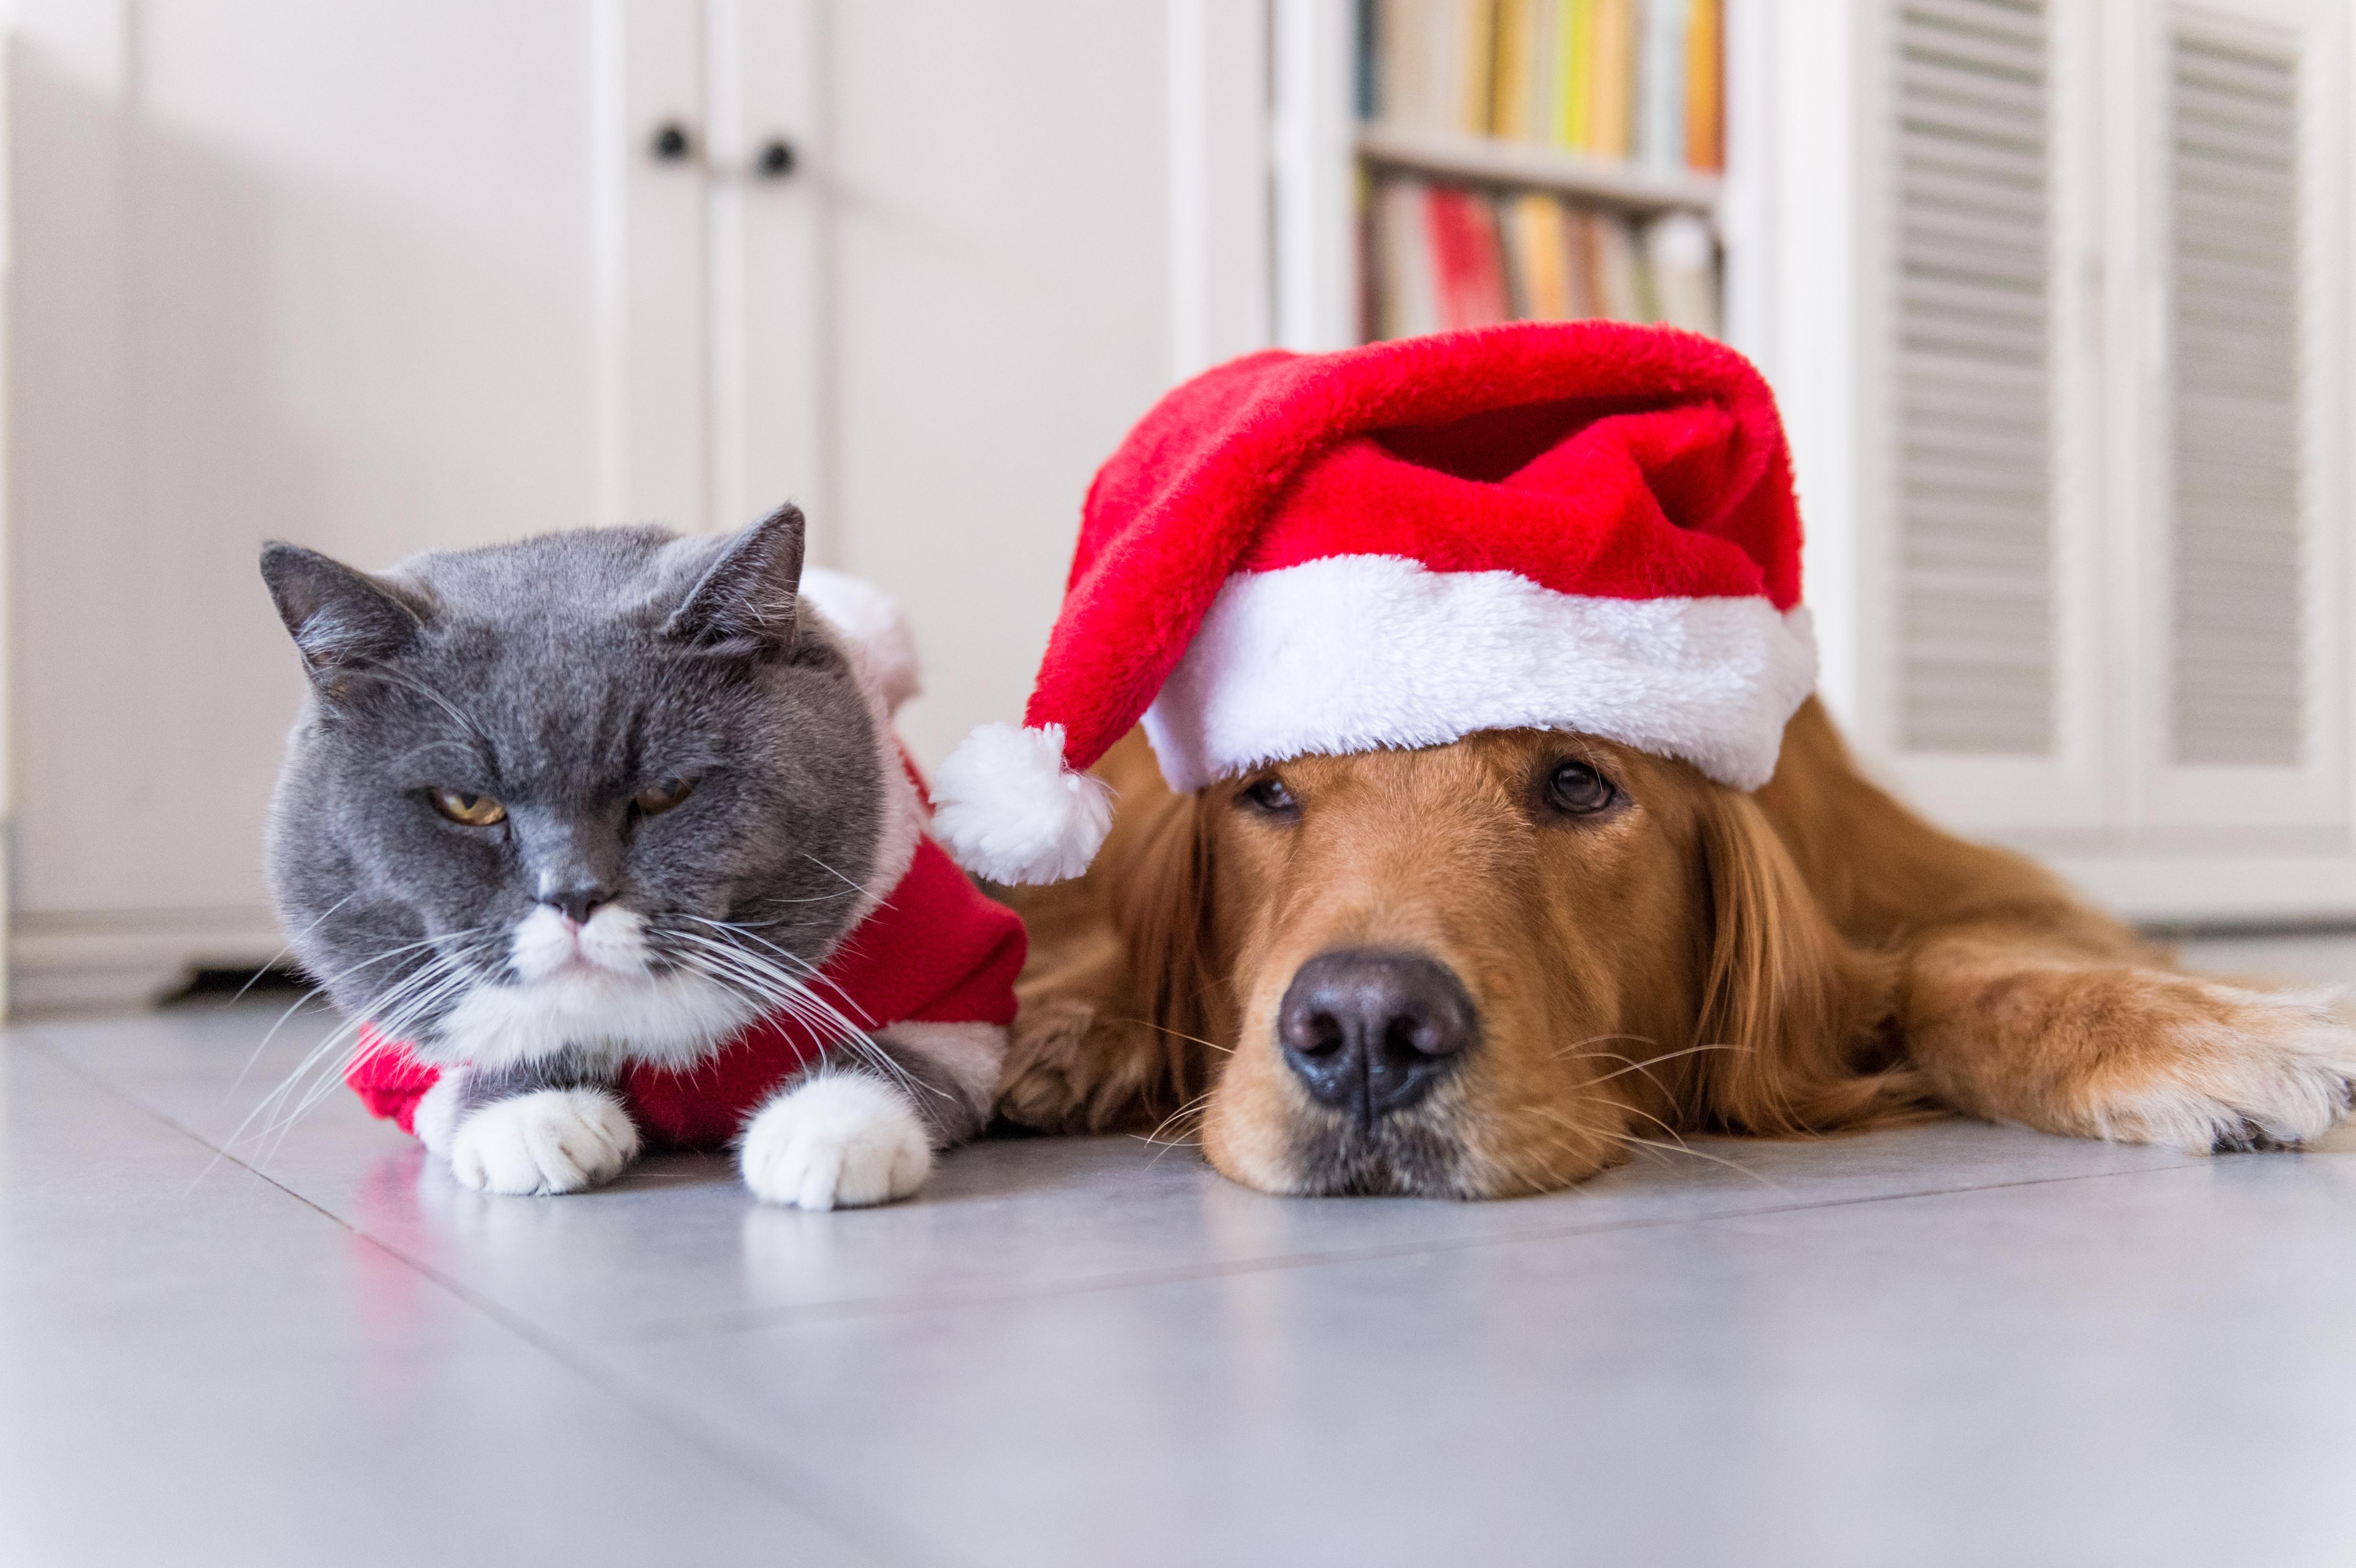 Mycket av det vi människor njuter av till jul kan innebära fara för din hund eller katt. Om olyckan är framme, kontakta alltid veterinär.